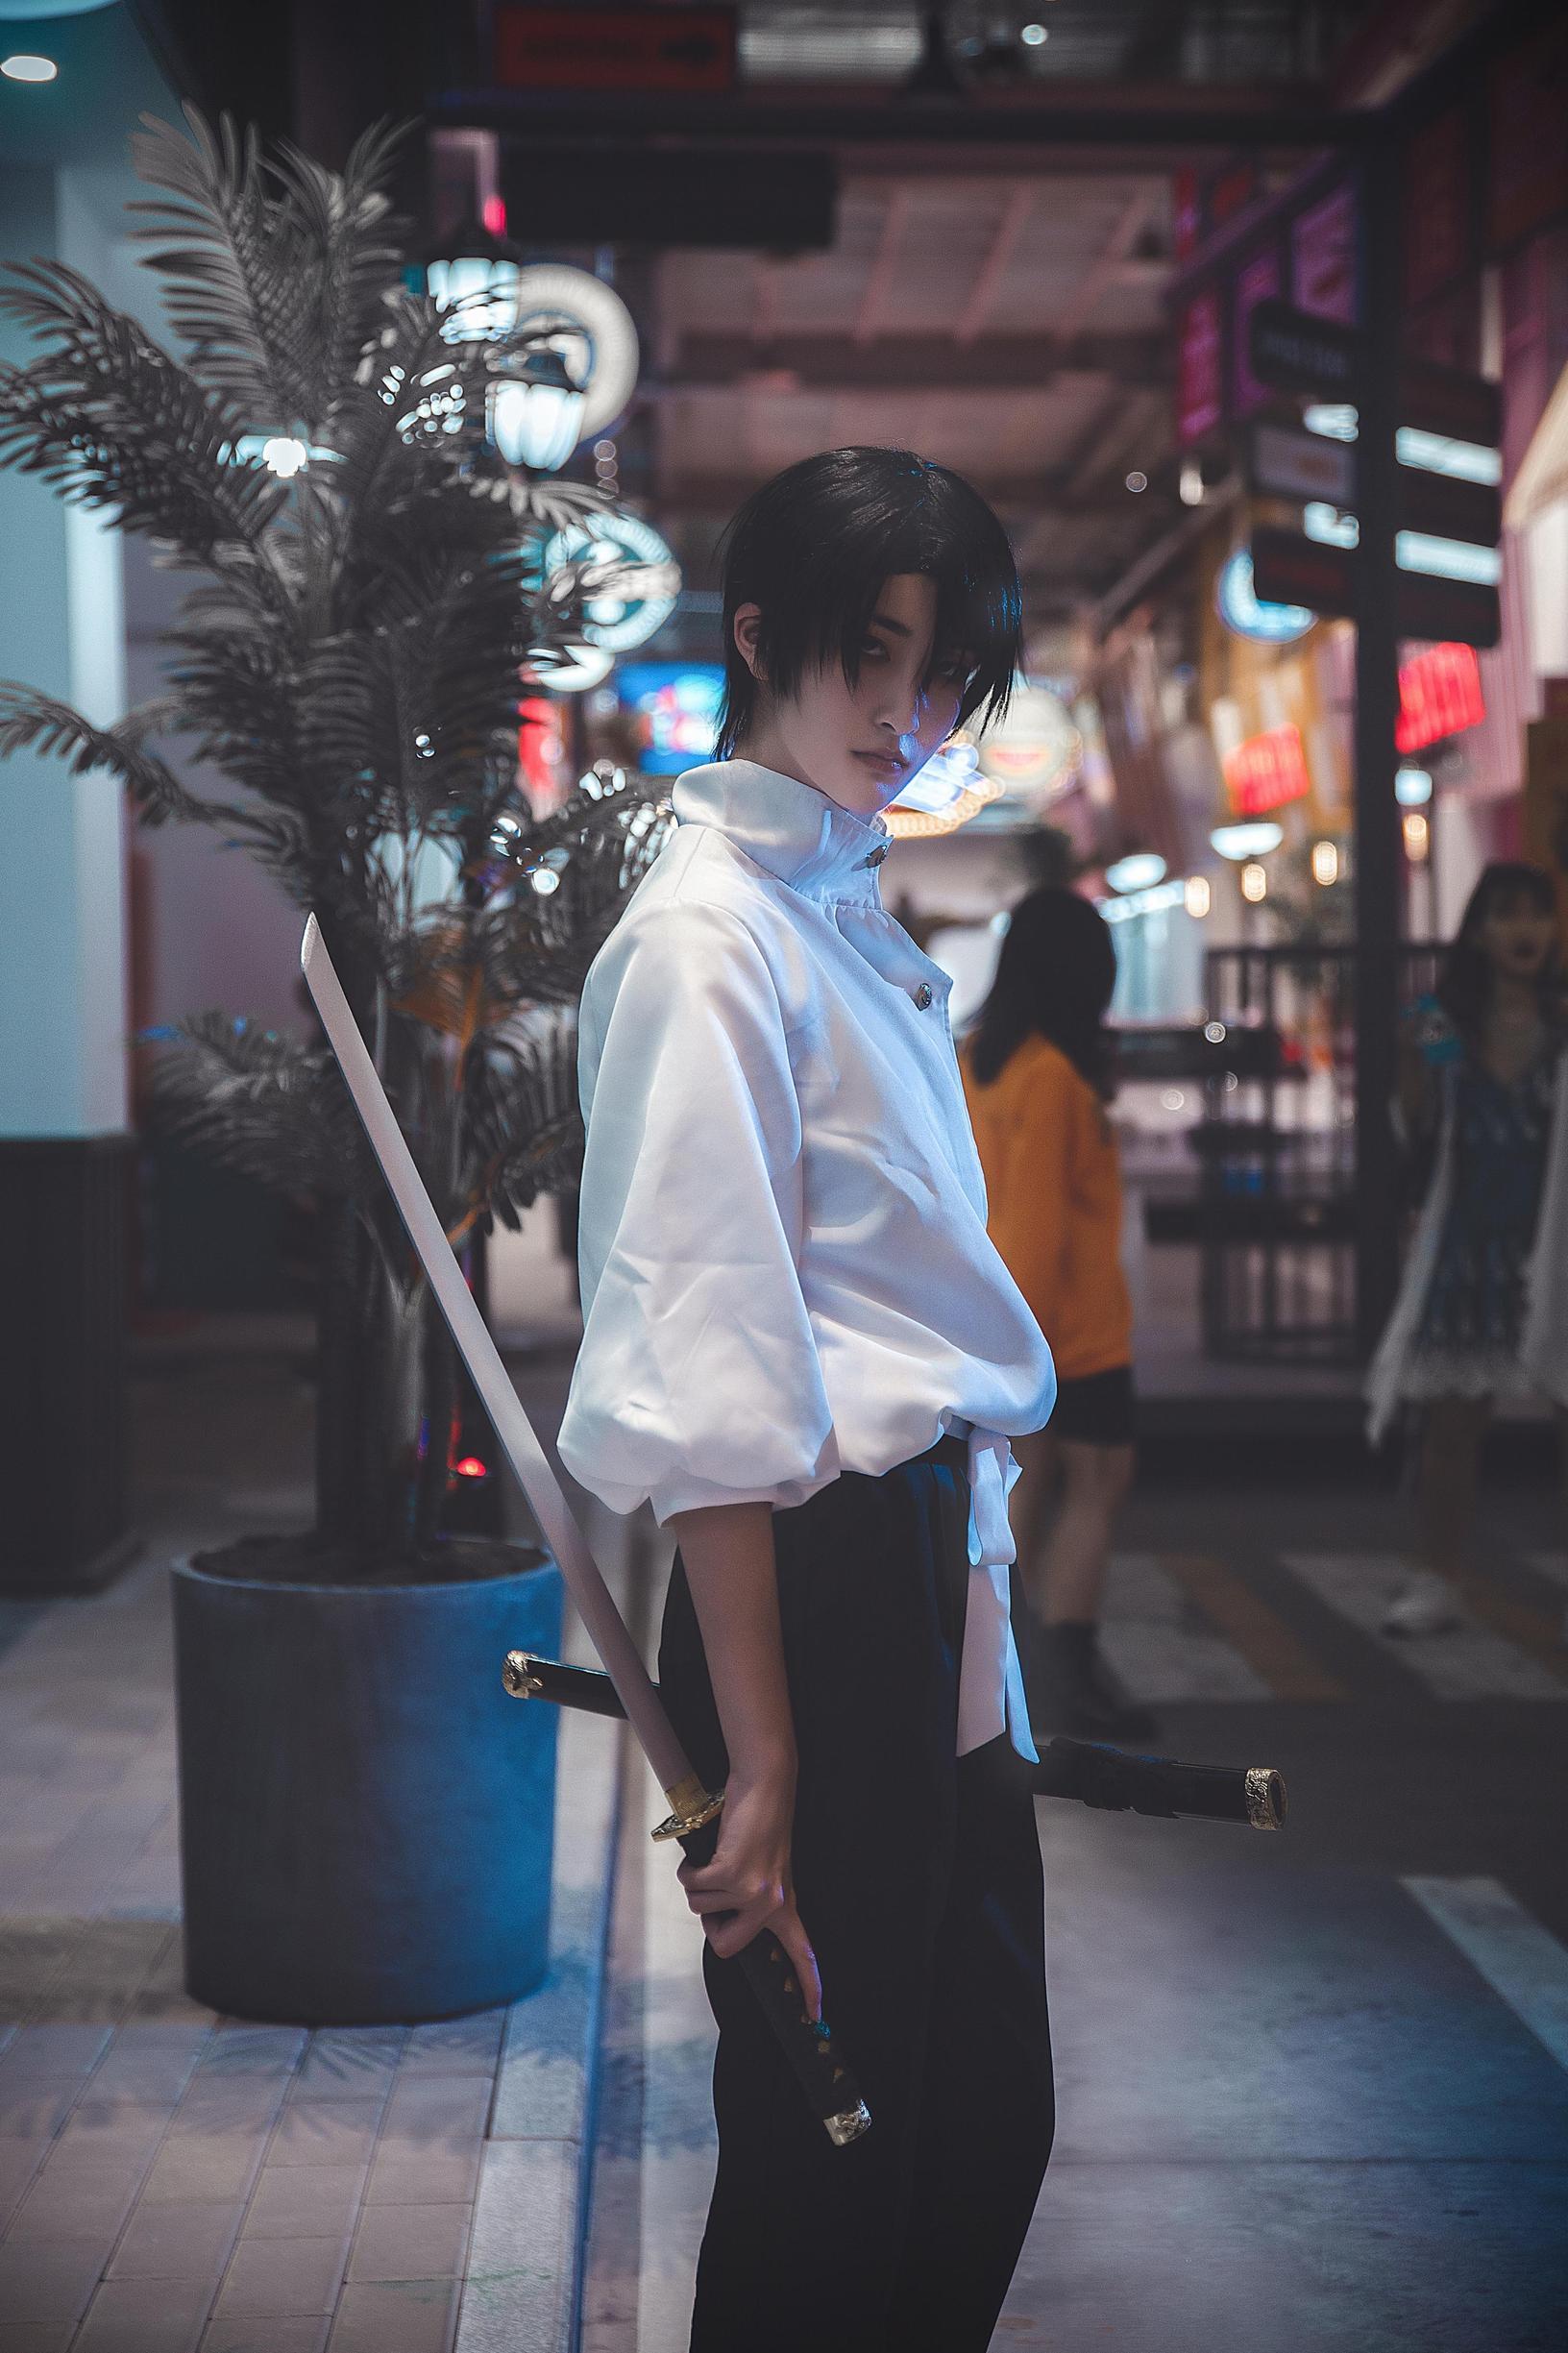 《咒术回战》推荐cosplay【CN:饺子不能吃x】 -孙策伯符cosplay图片插图